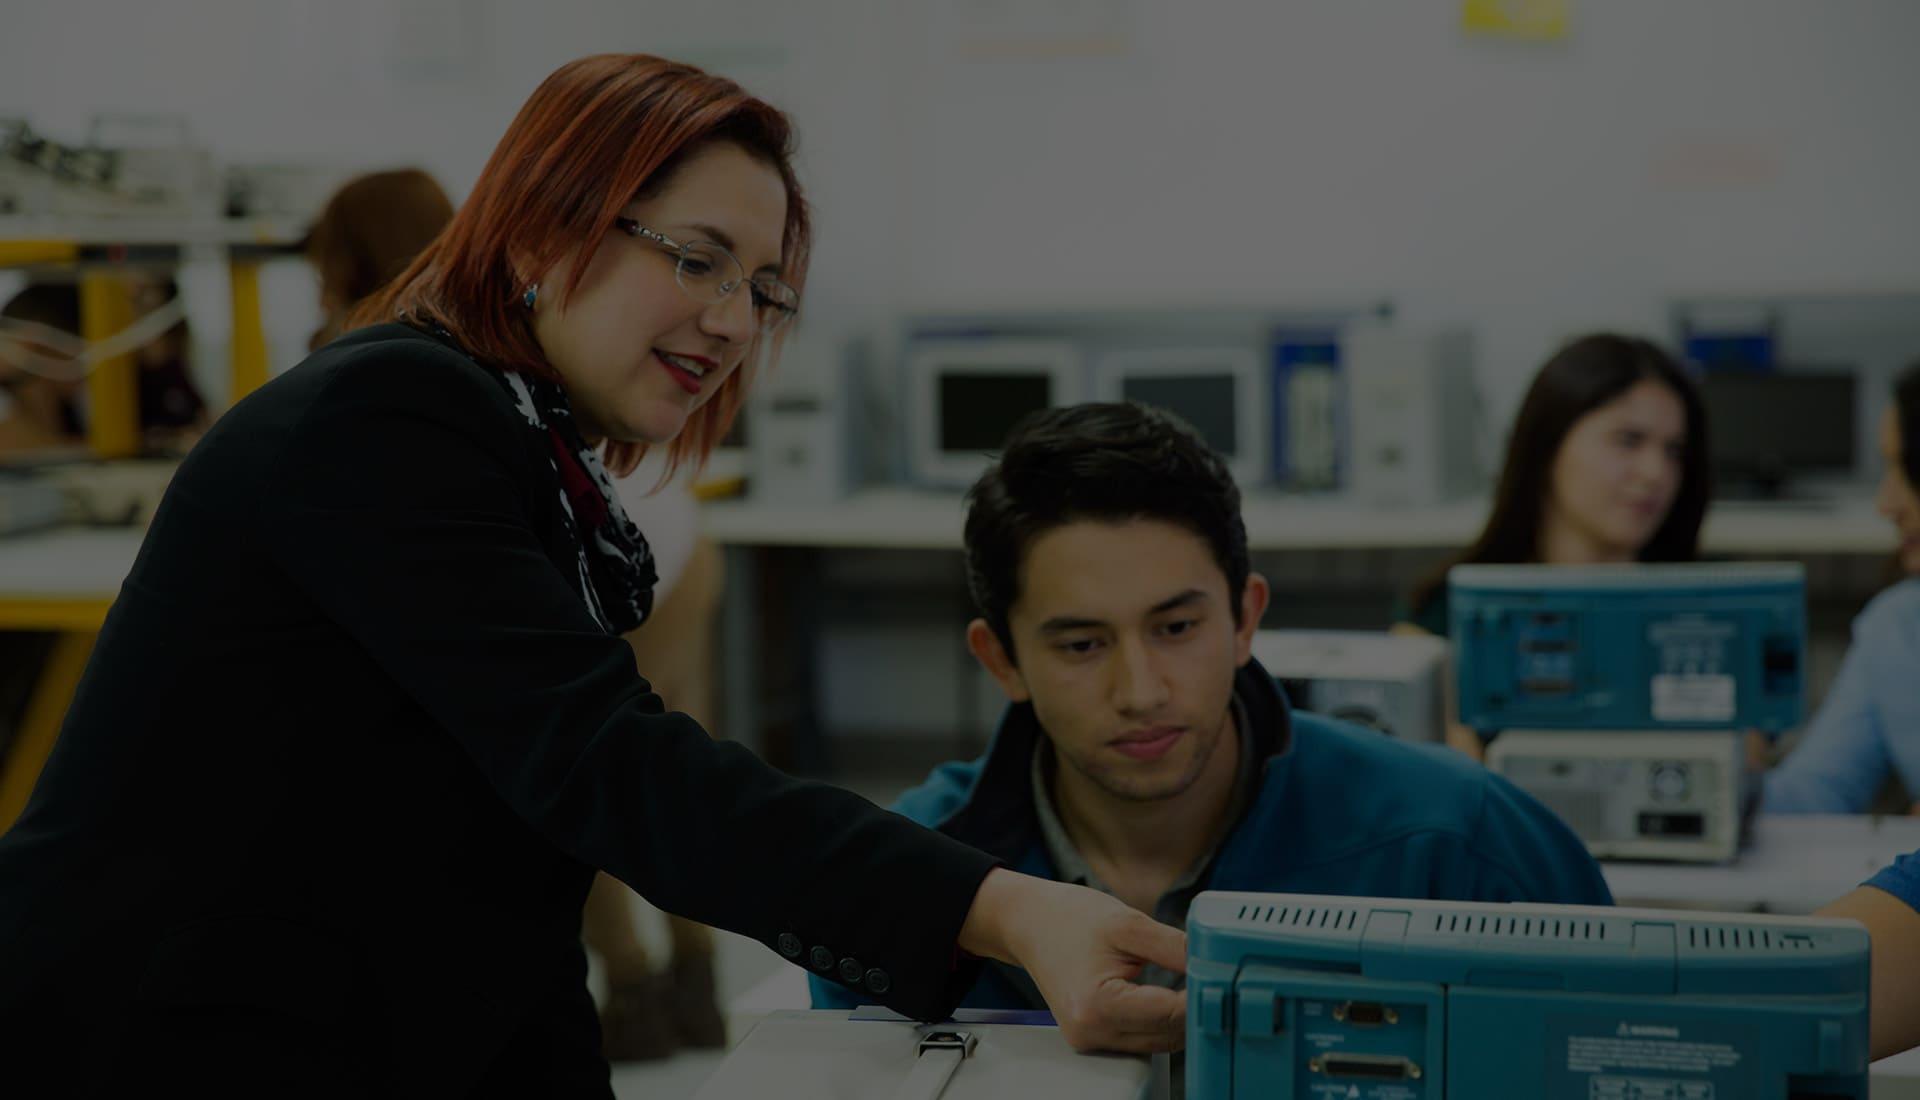 Docente explicando a estudiante en laboratorio de ingeniería